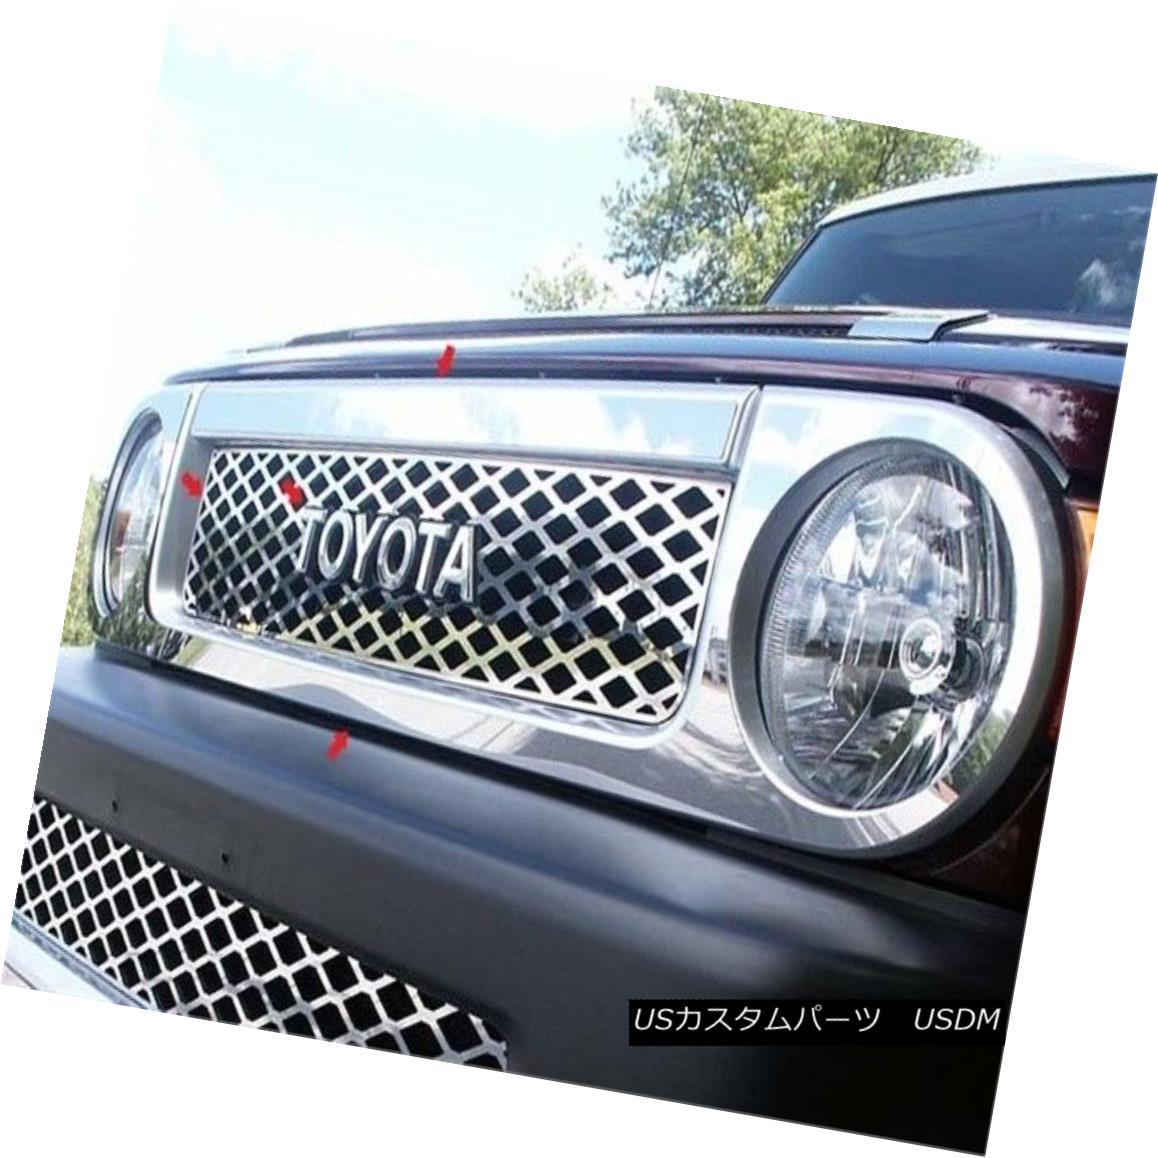 グリル Fits 2007-2014 TOYOTA FJ CRUISER 4-door, SUV -Stainless Steel GRILLE ACCENT フィット2007-2014トヨタFJクルーザー4ドア、SUV - ステンレス鋼グリルアクセント